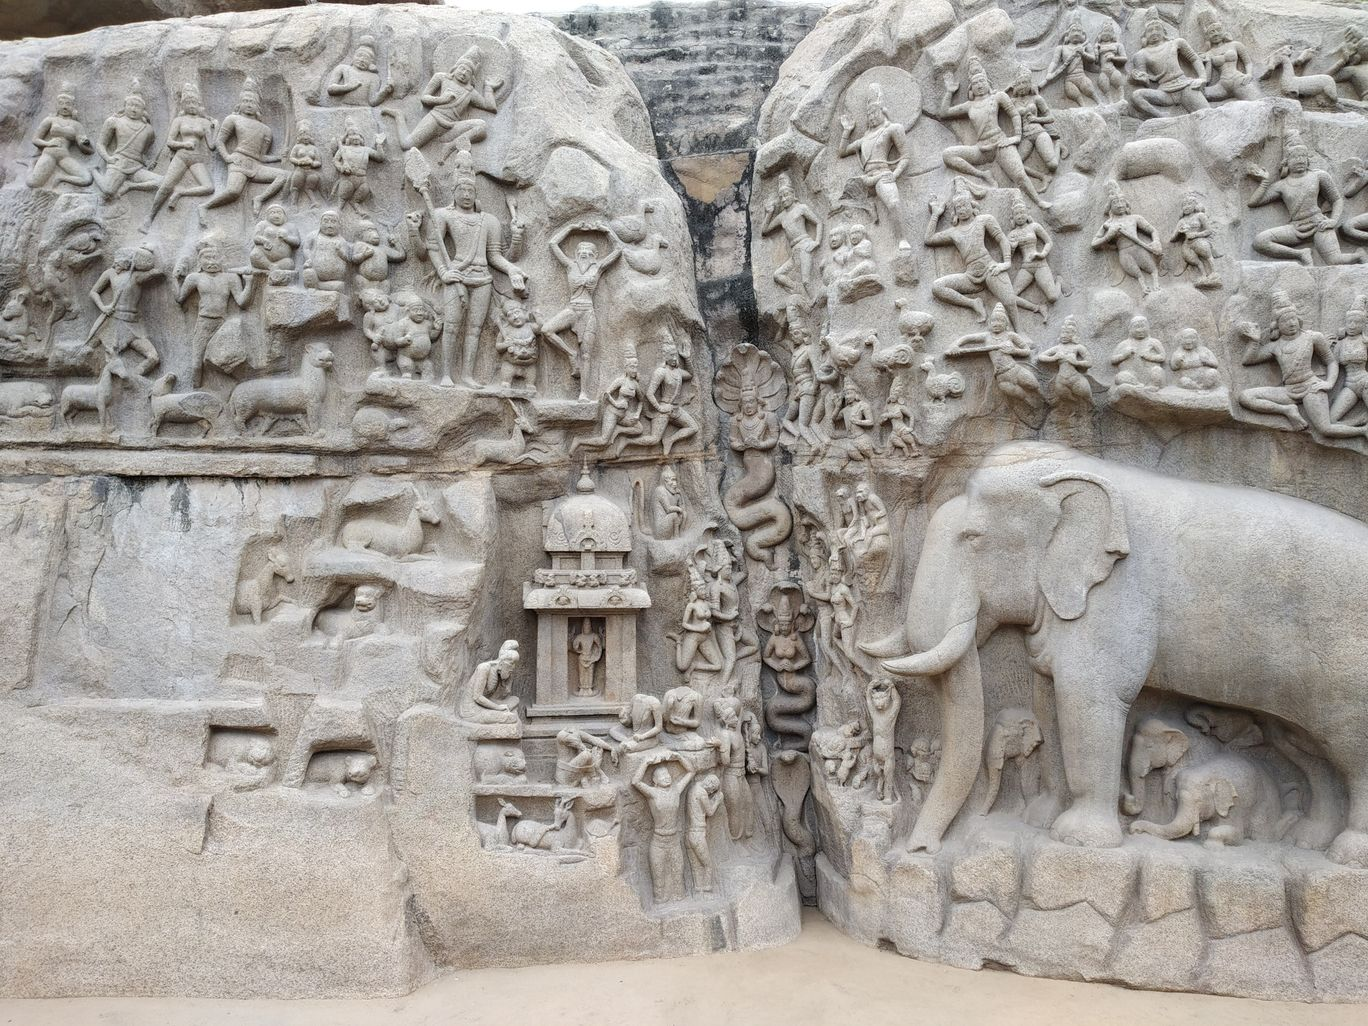 Photo of Mahabalipuram By Shubham Garg